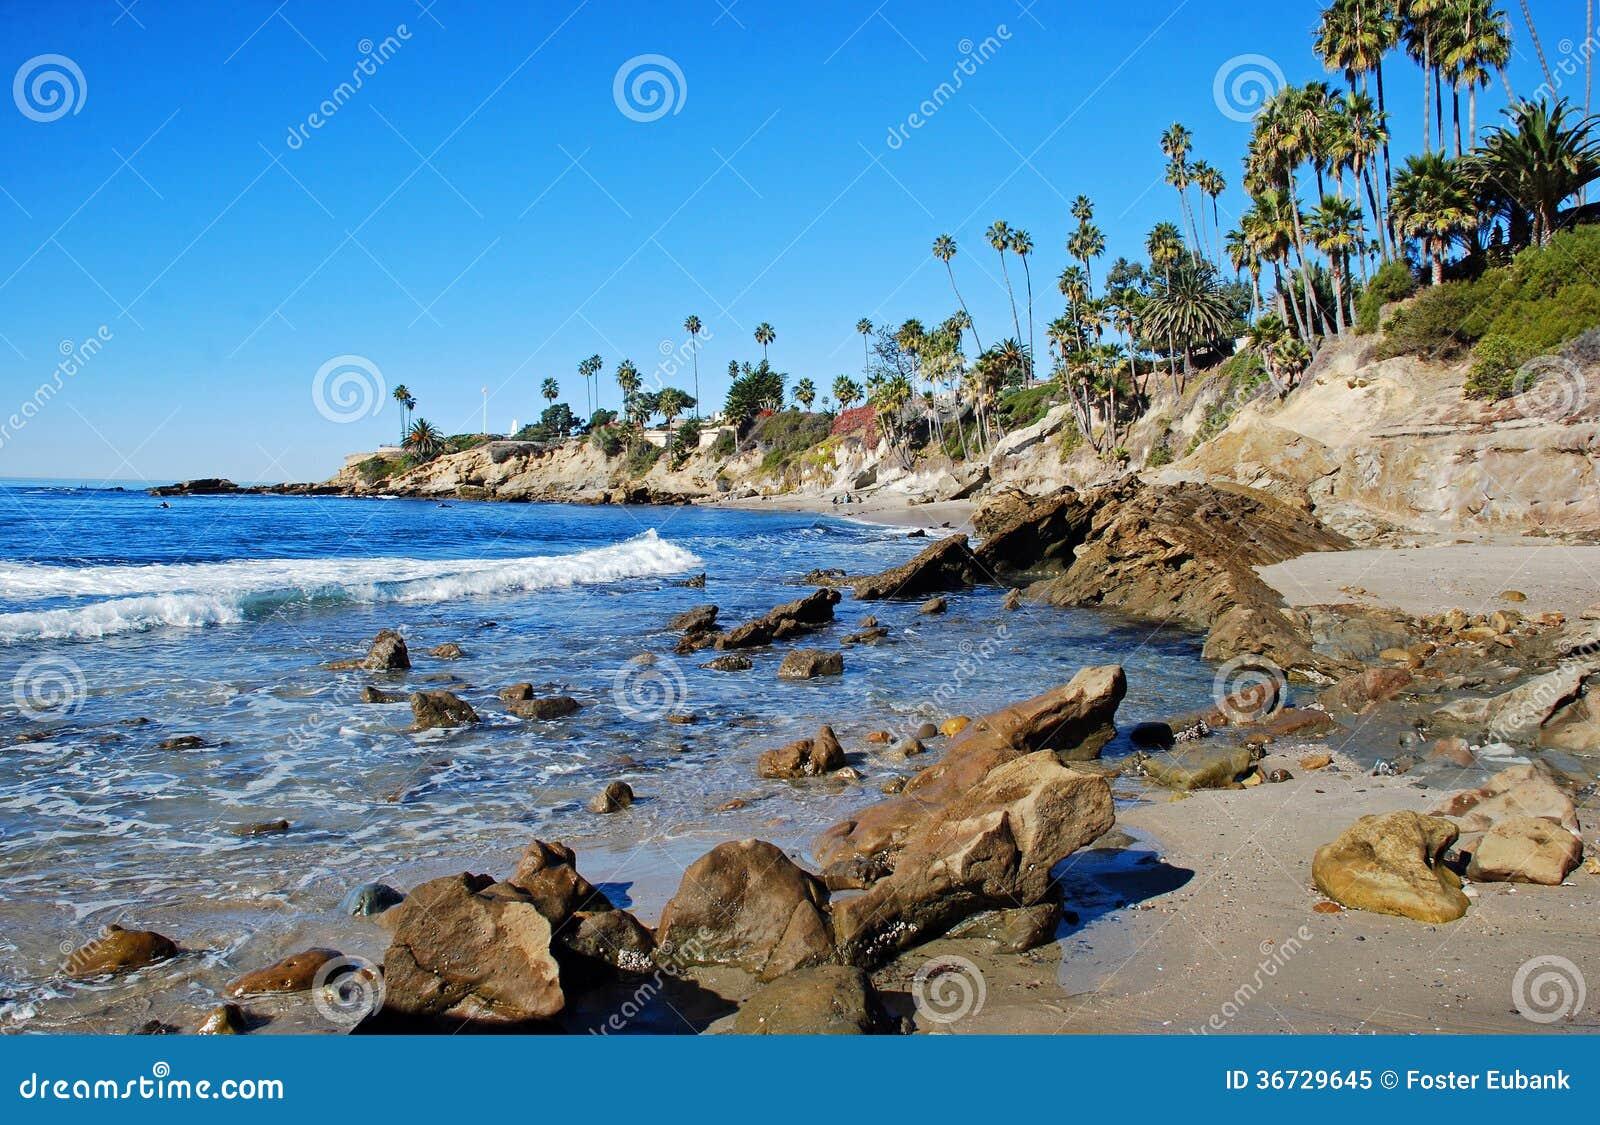 Praia da pilha da rocha abaixo do parque de Heisler, Laguna Beach,